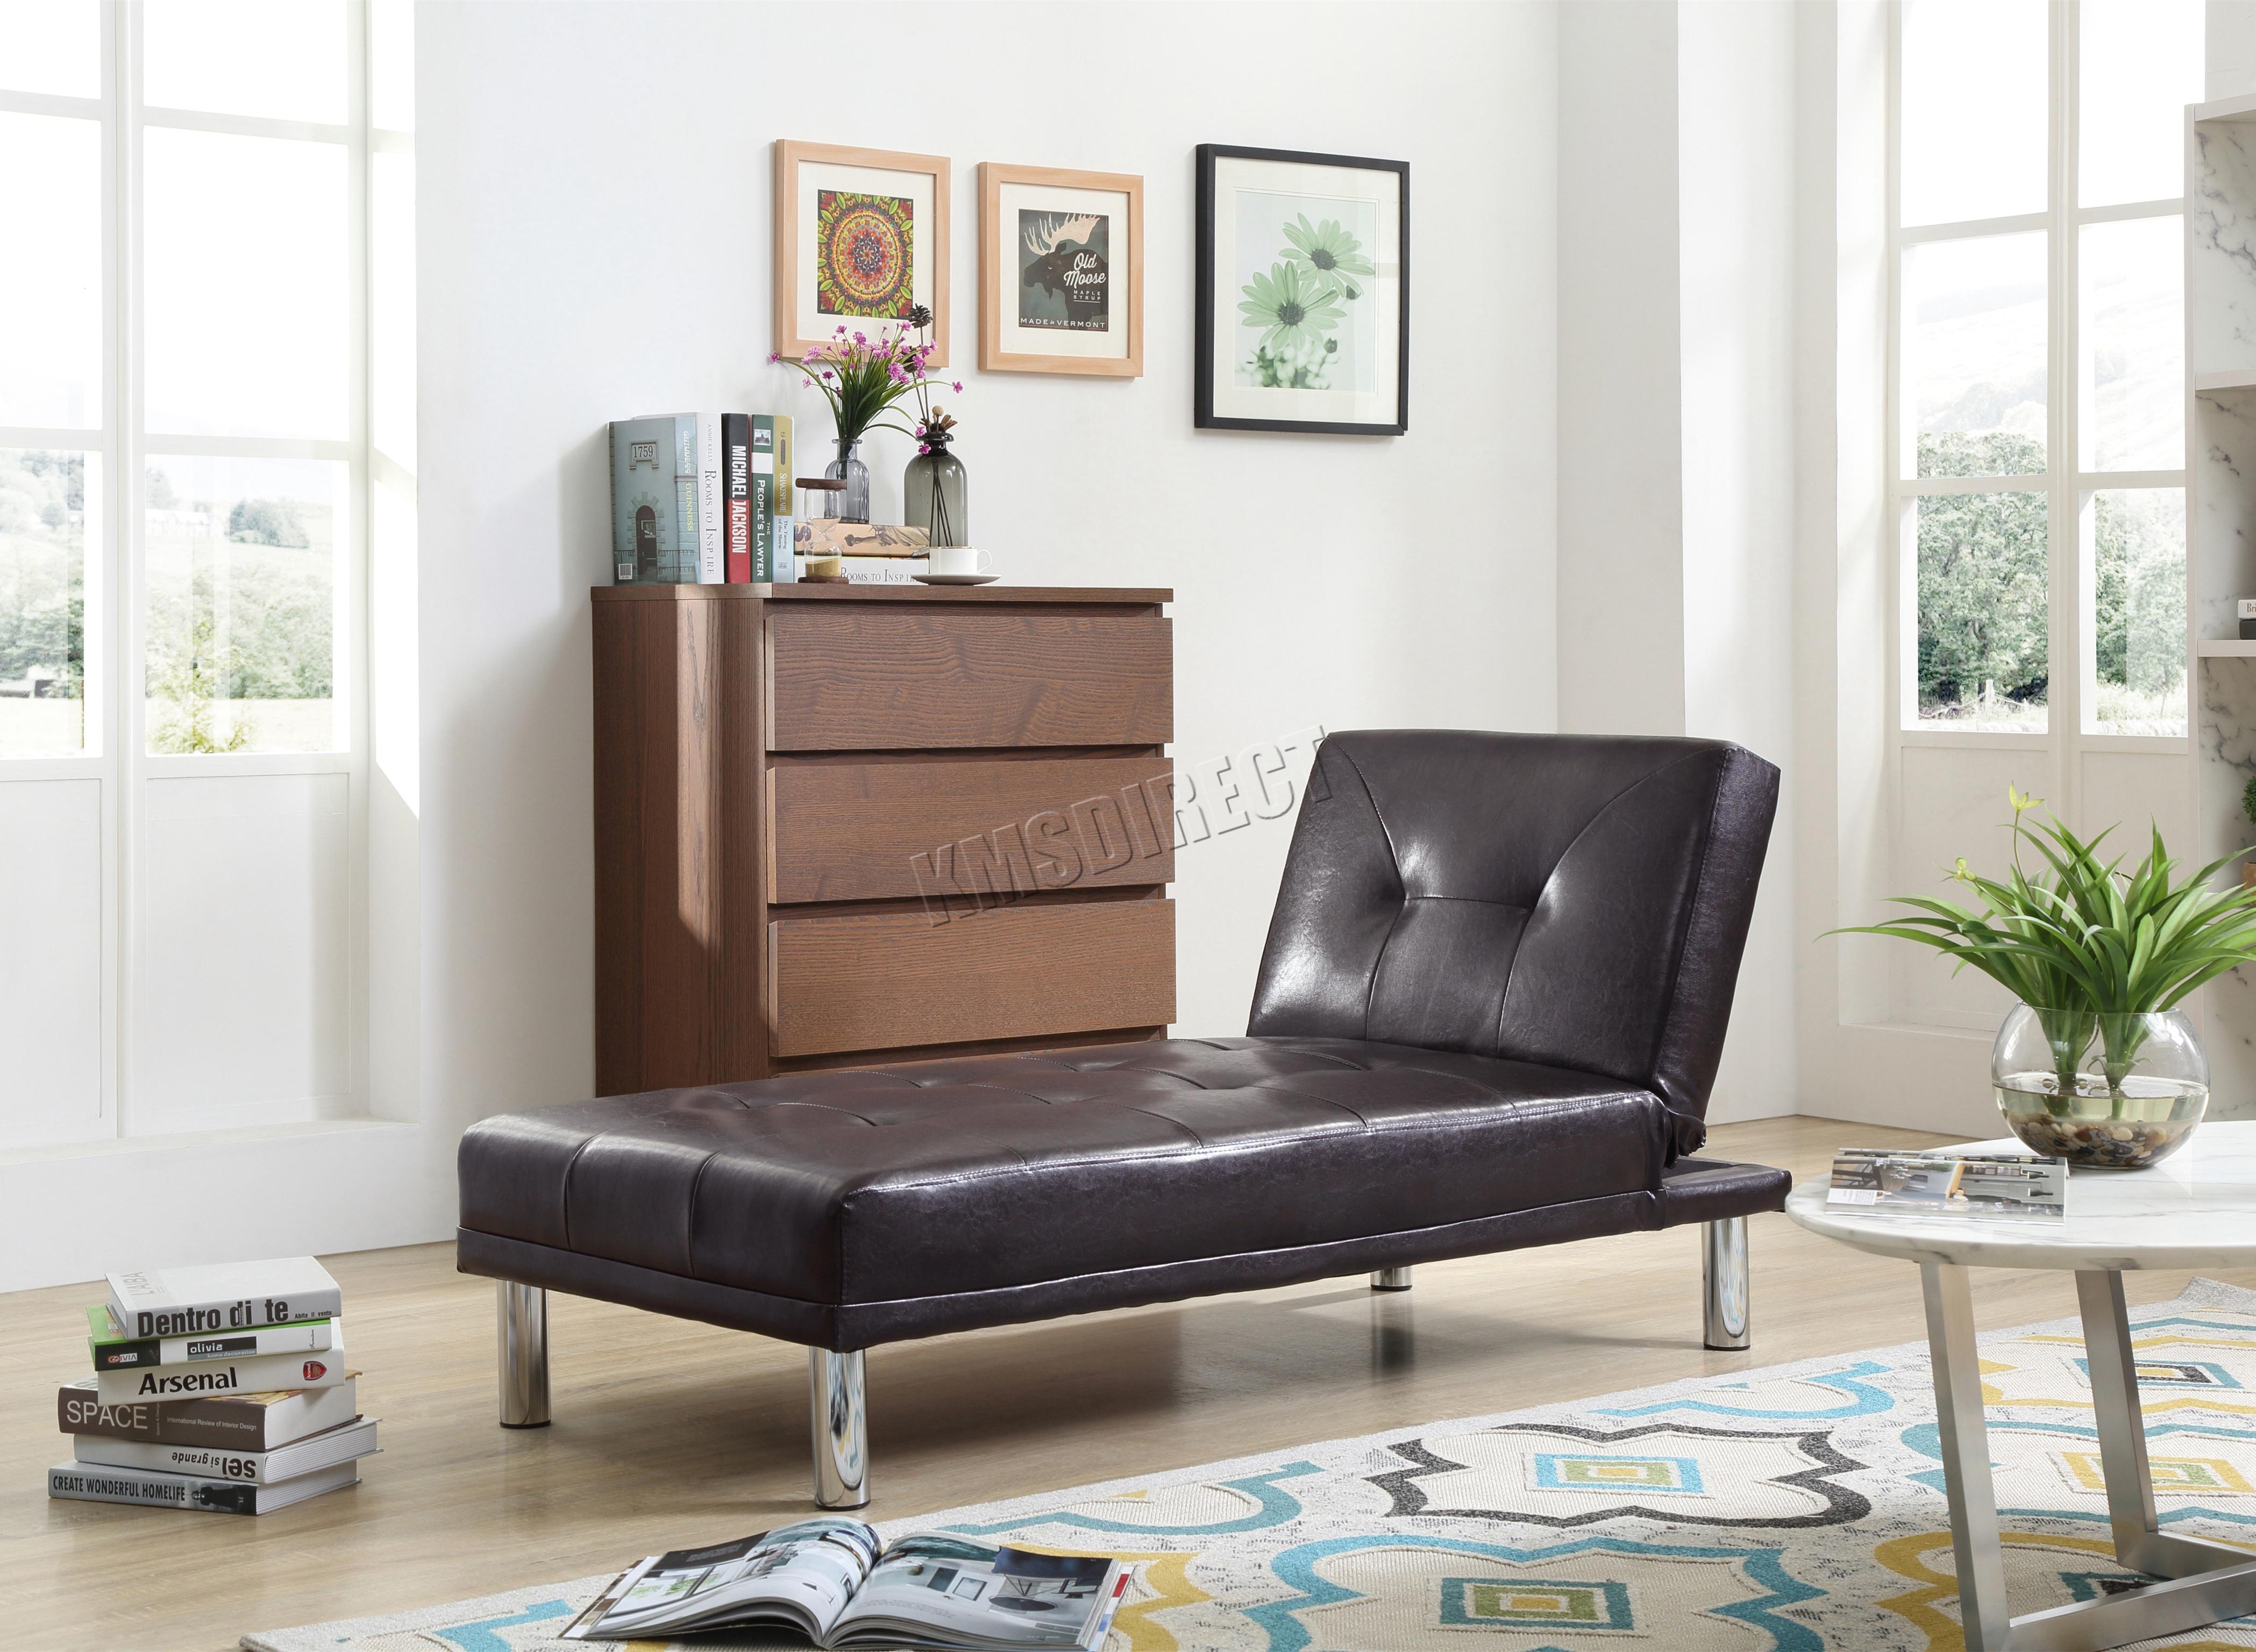 Foxhunter chaise longue singolo divano letto 1 posto similpelle psb03 marrone ebay - Divano traduzione inglese ...